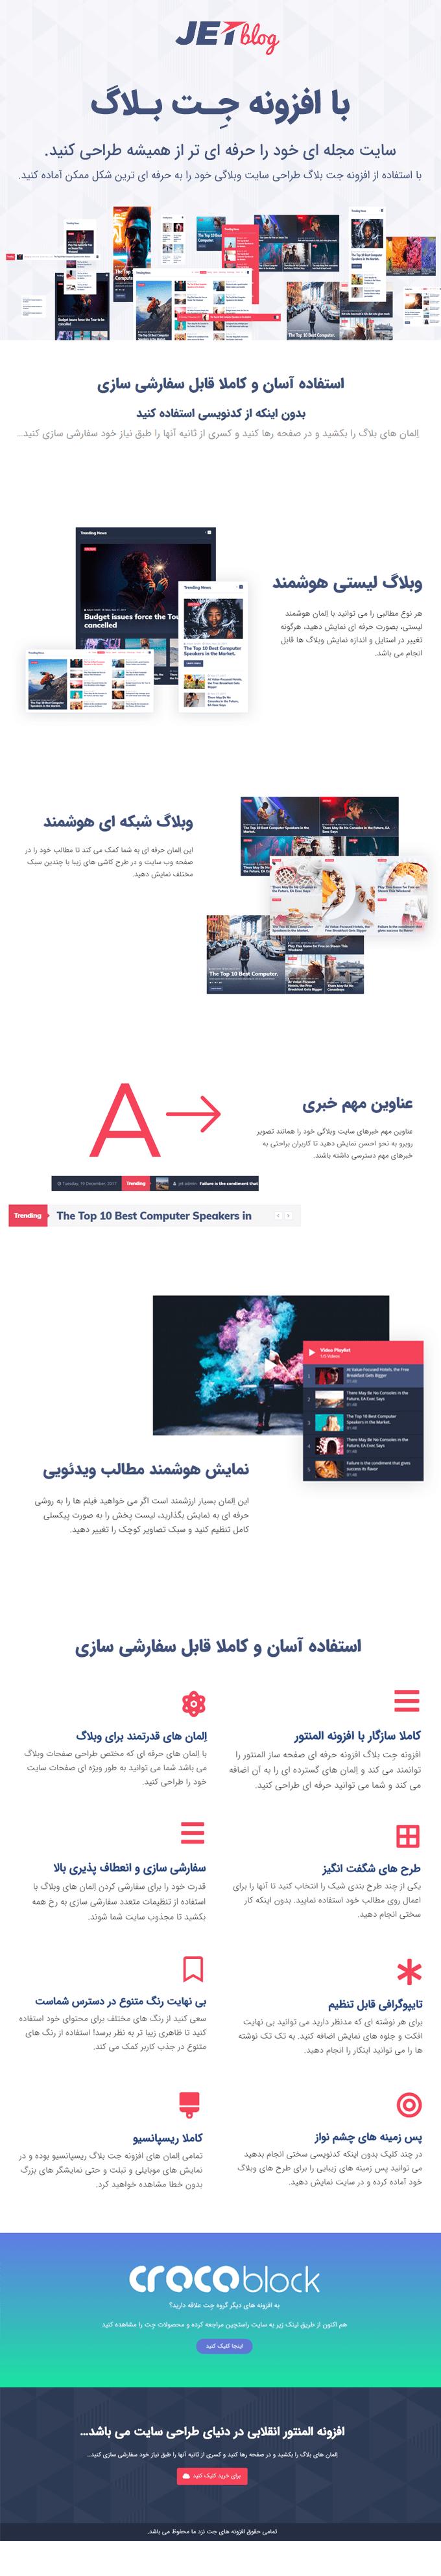 افزونه JetBlog | افزودنی المنتور برای طراحی صفحات وبلاگی